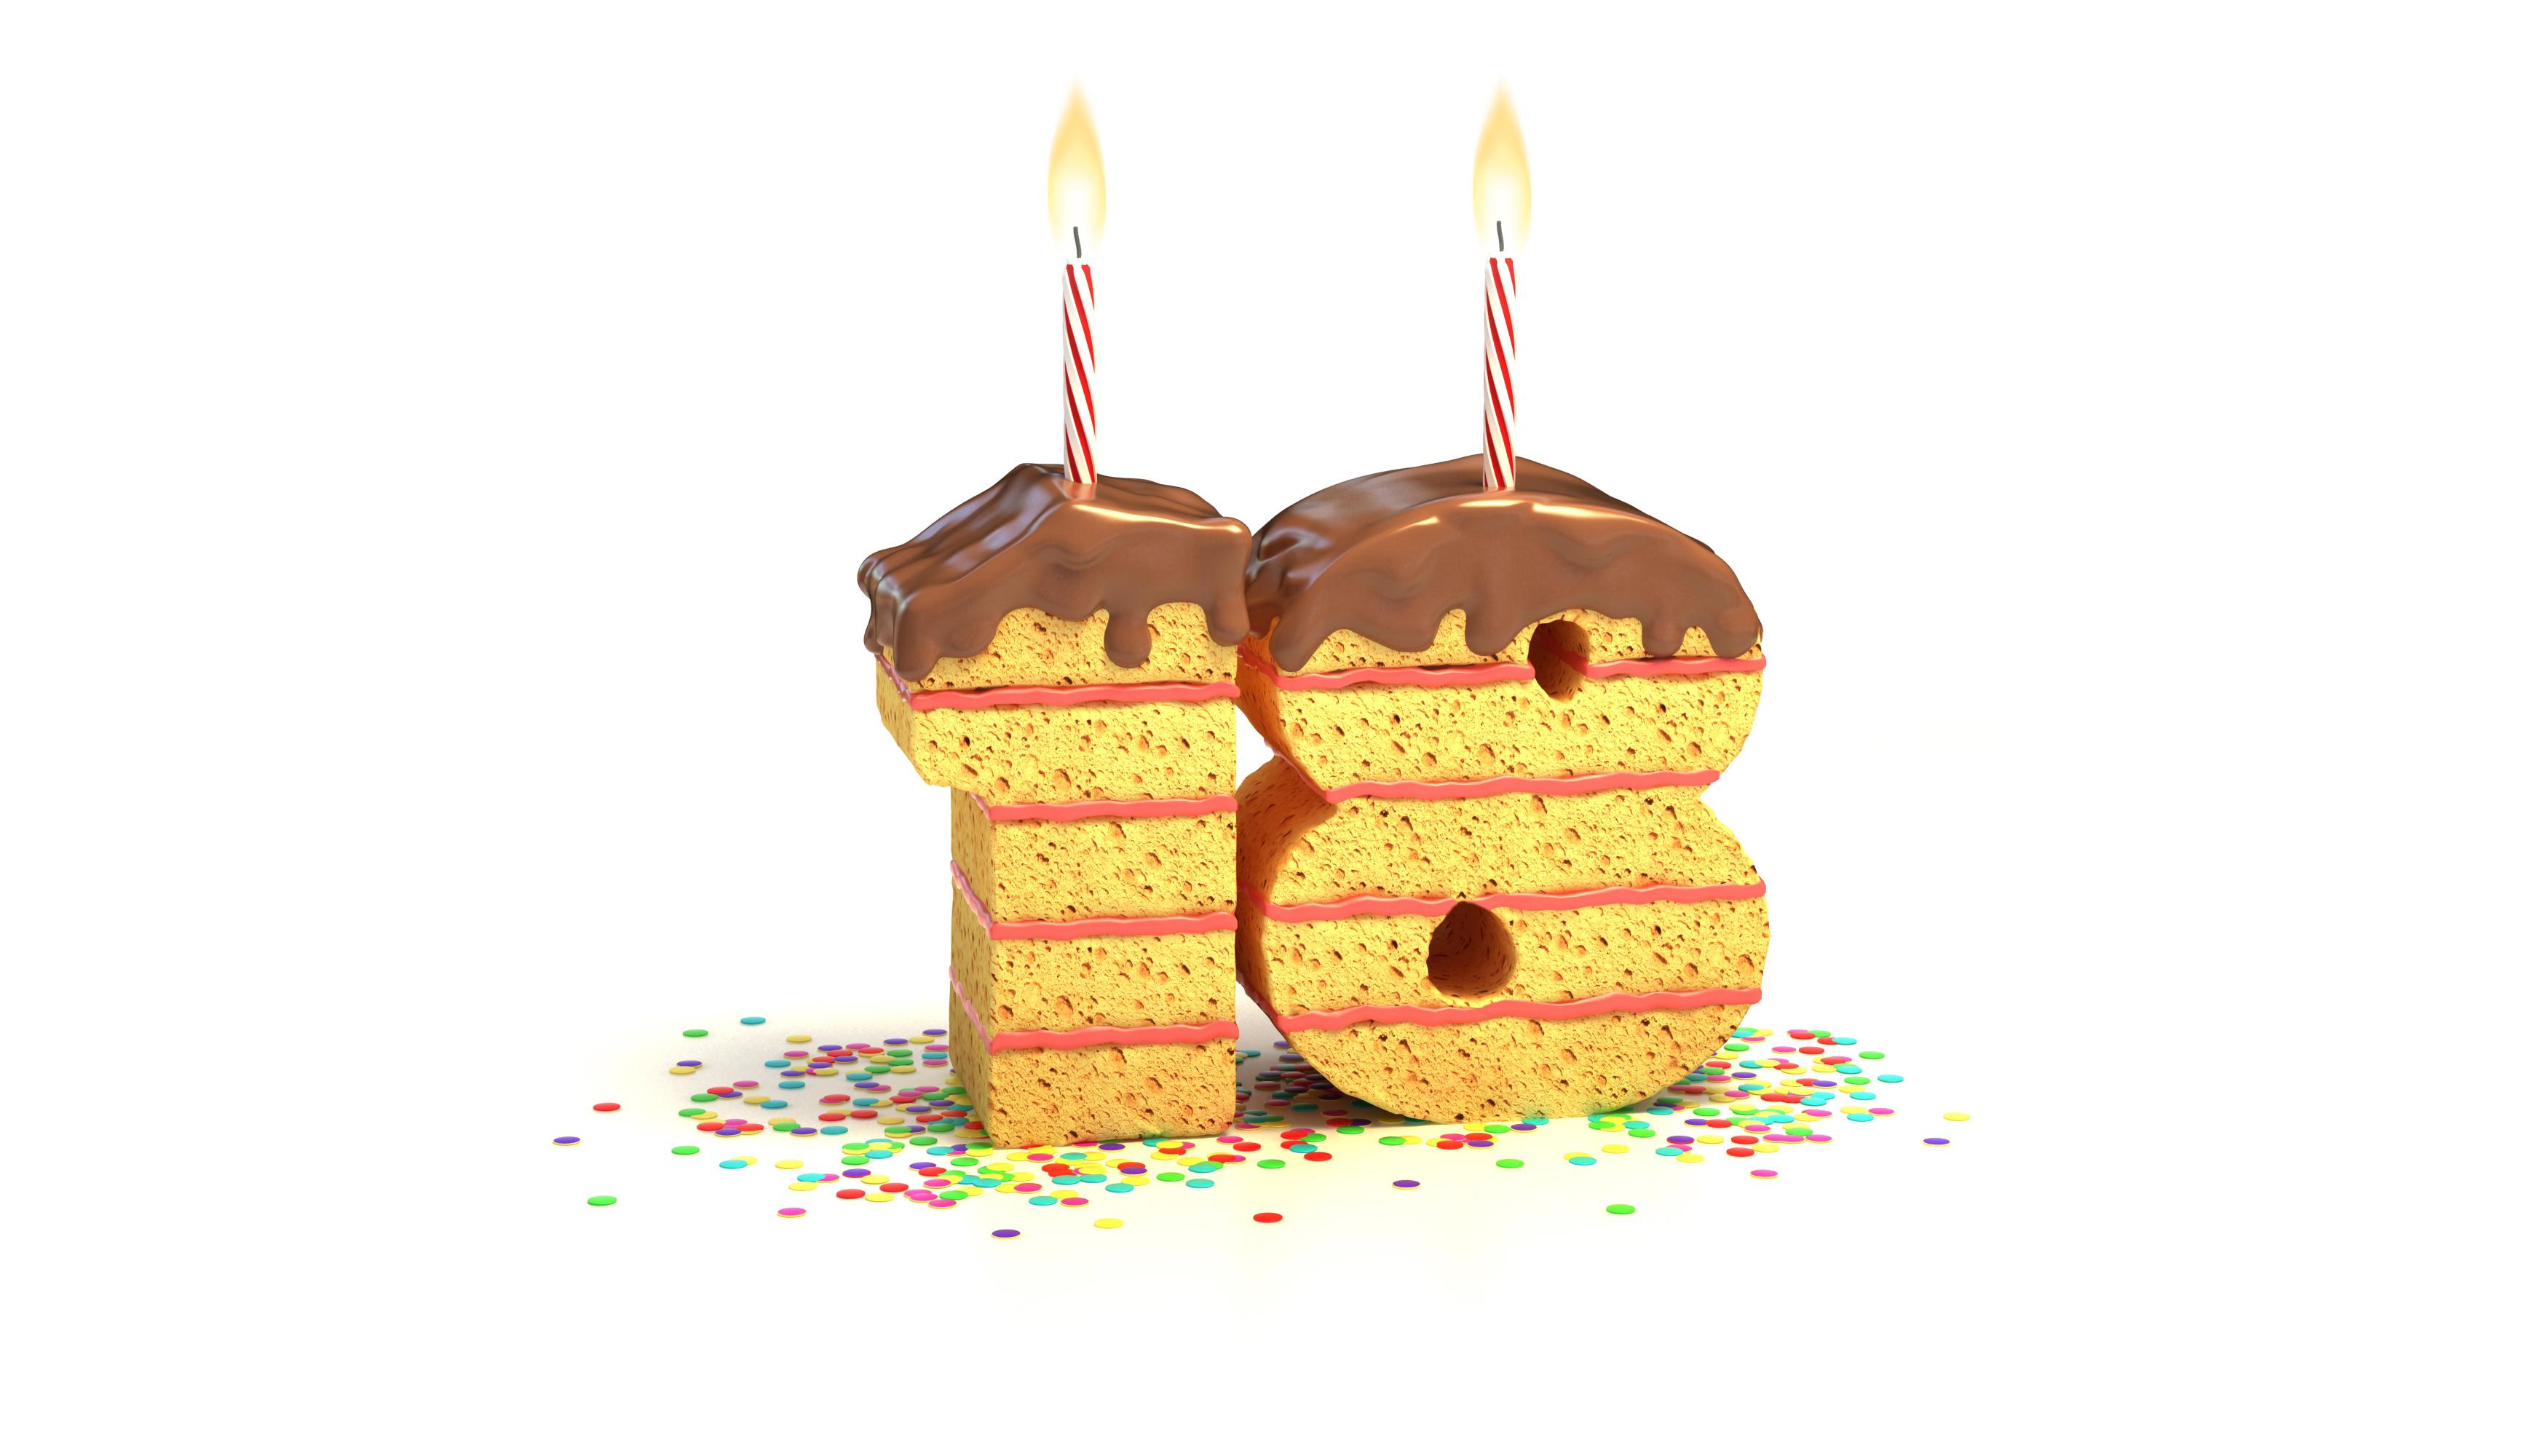 Gluckwunsche Zum 18 Geburtstag 60 Spruche 5 Mustertexte Zur